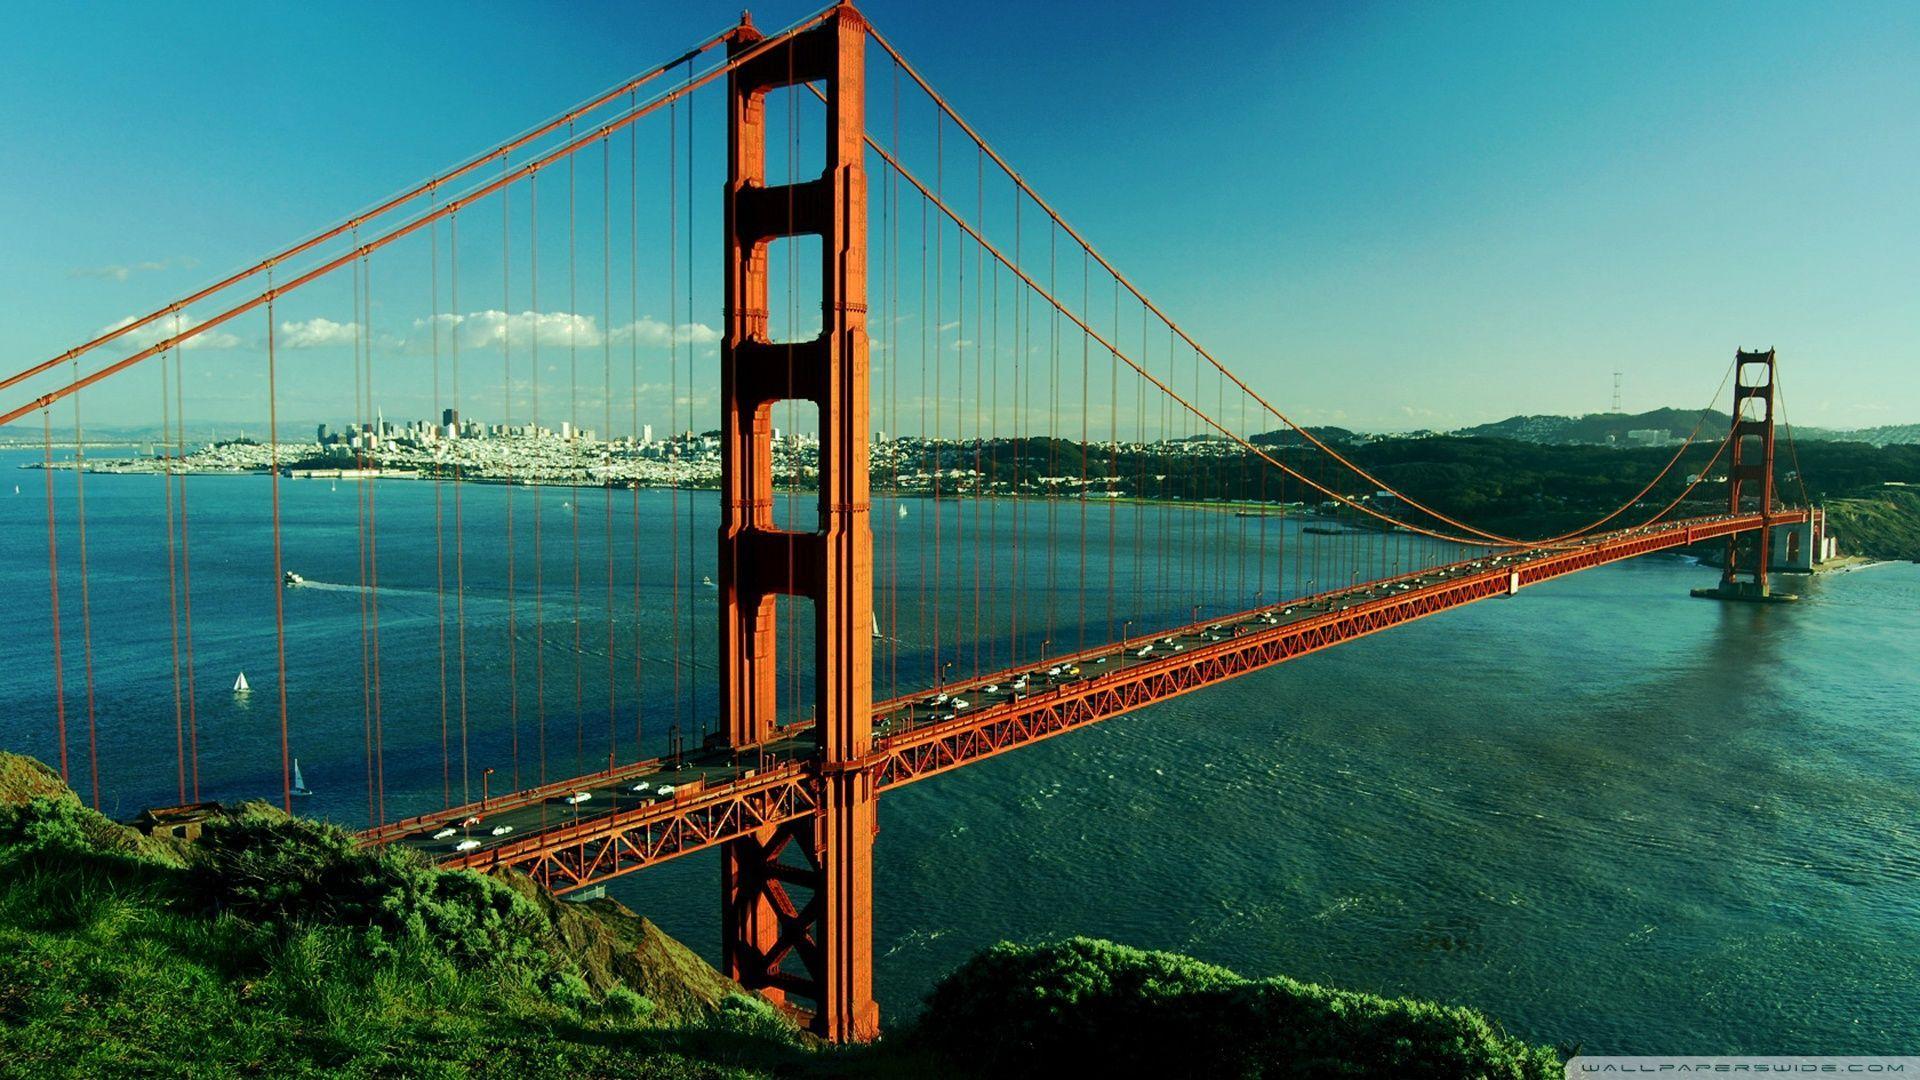 San Francisco Hd Wallpapers Wallpaper Cave